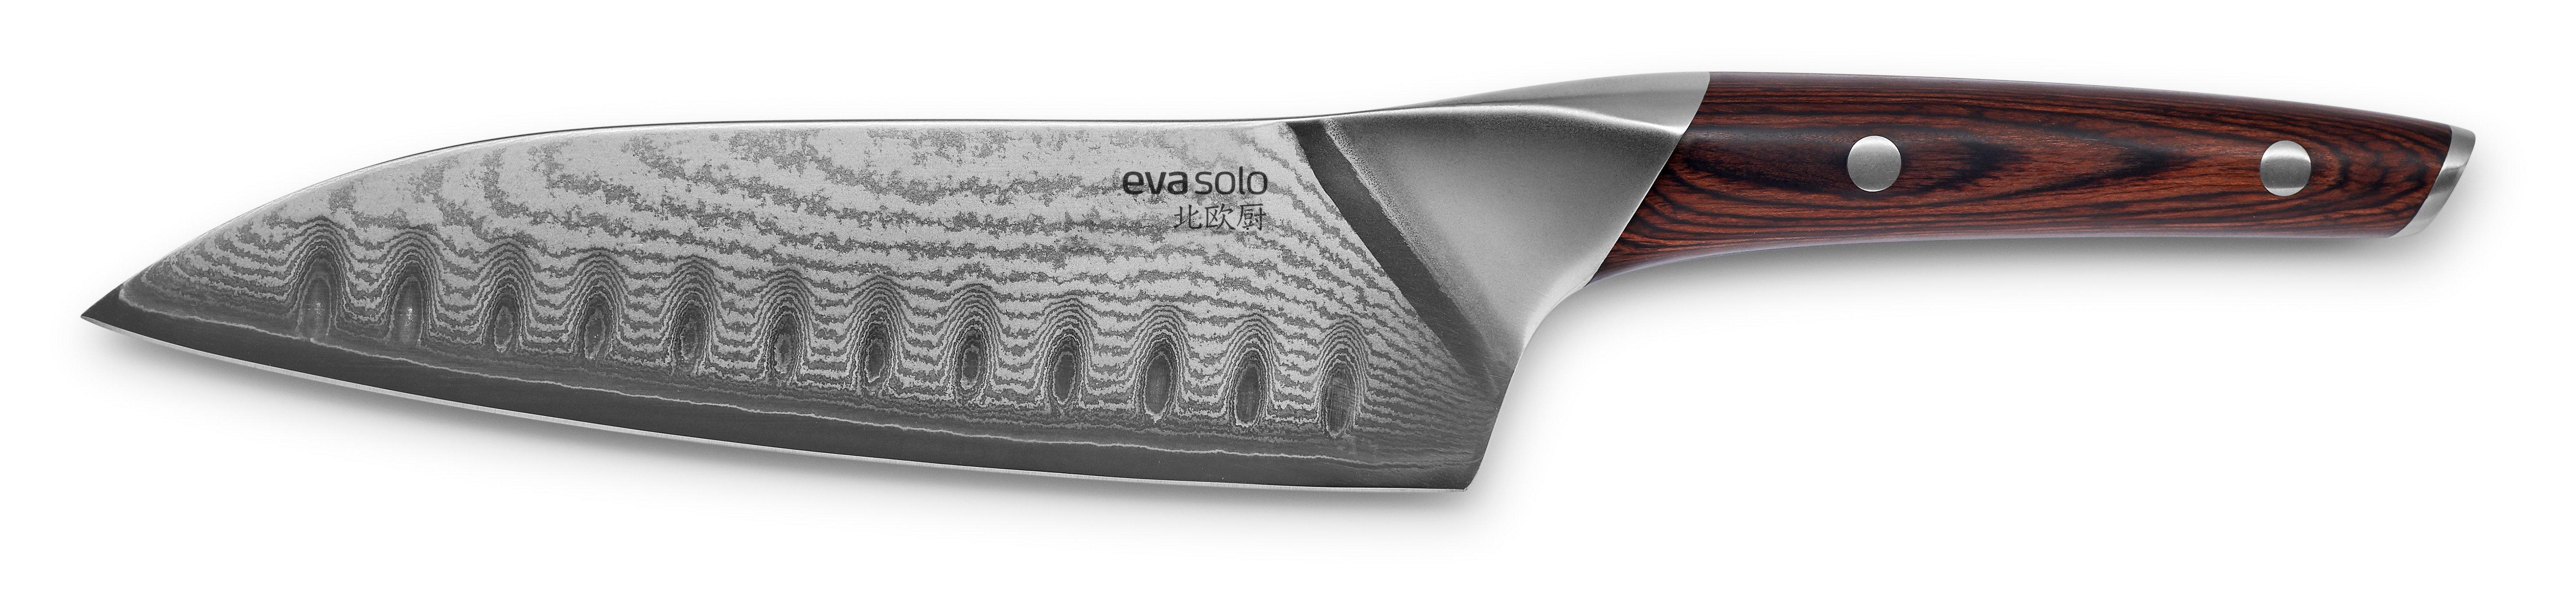 Eva Solo - Santoku Knife 18 cm (515402)